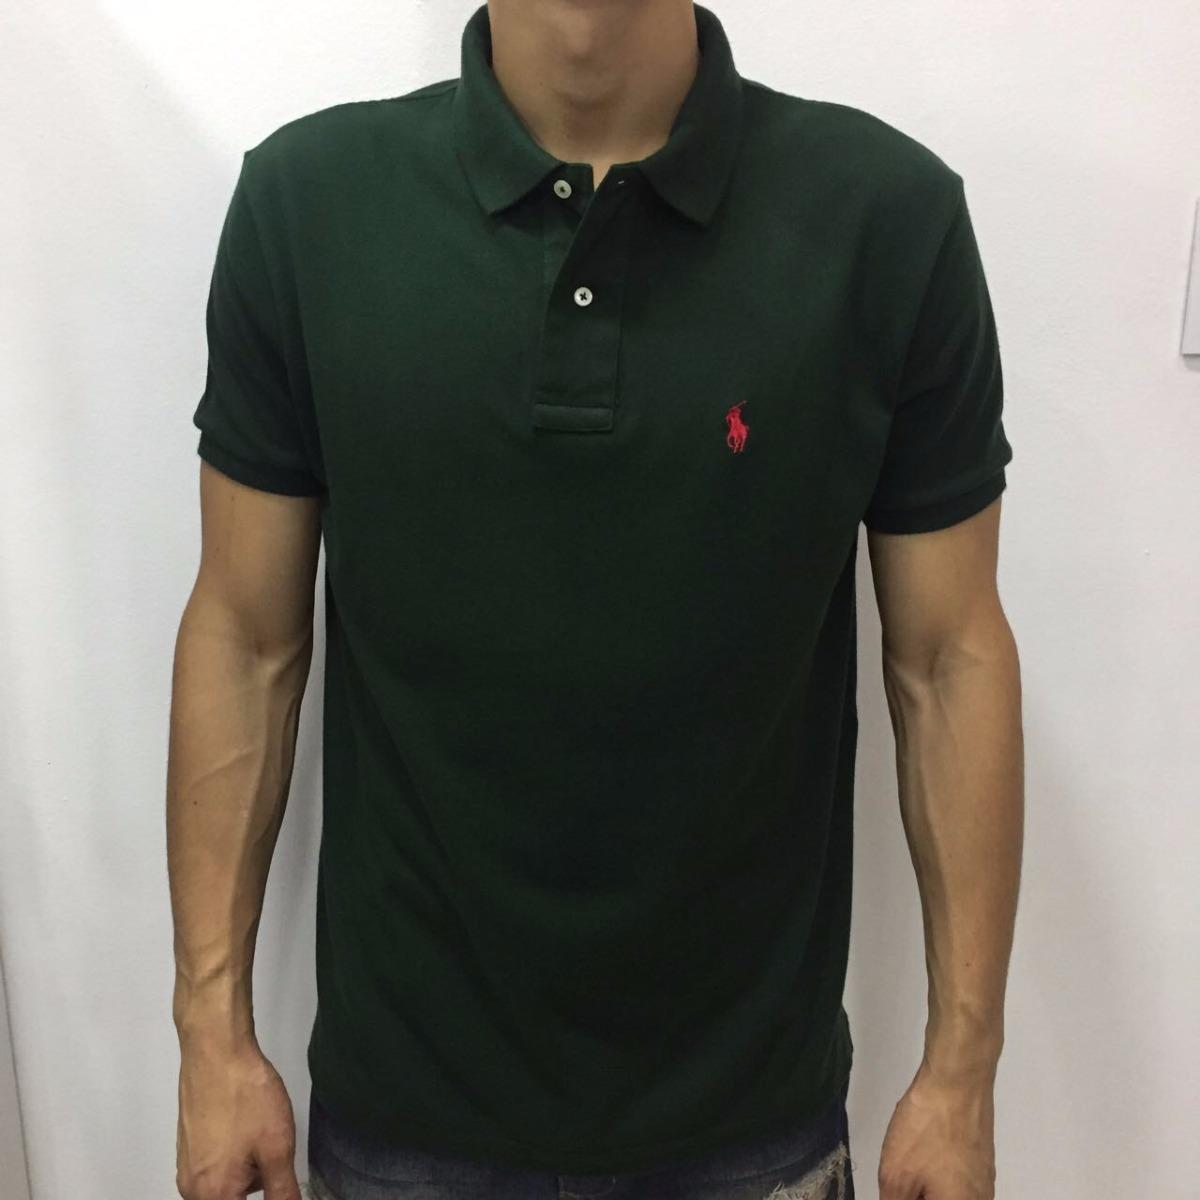 0dab5162db6a3 kit 7 camiseta polo ralph lauren original atacado promoção. Carregando zoom.